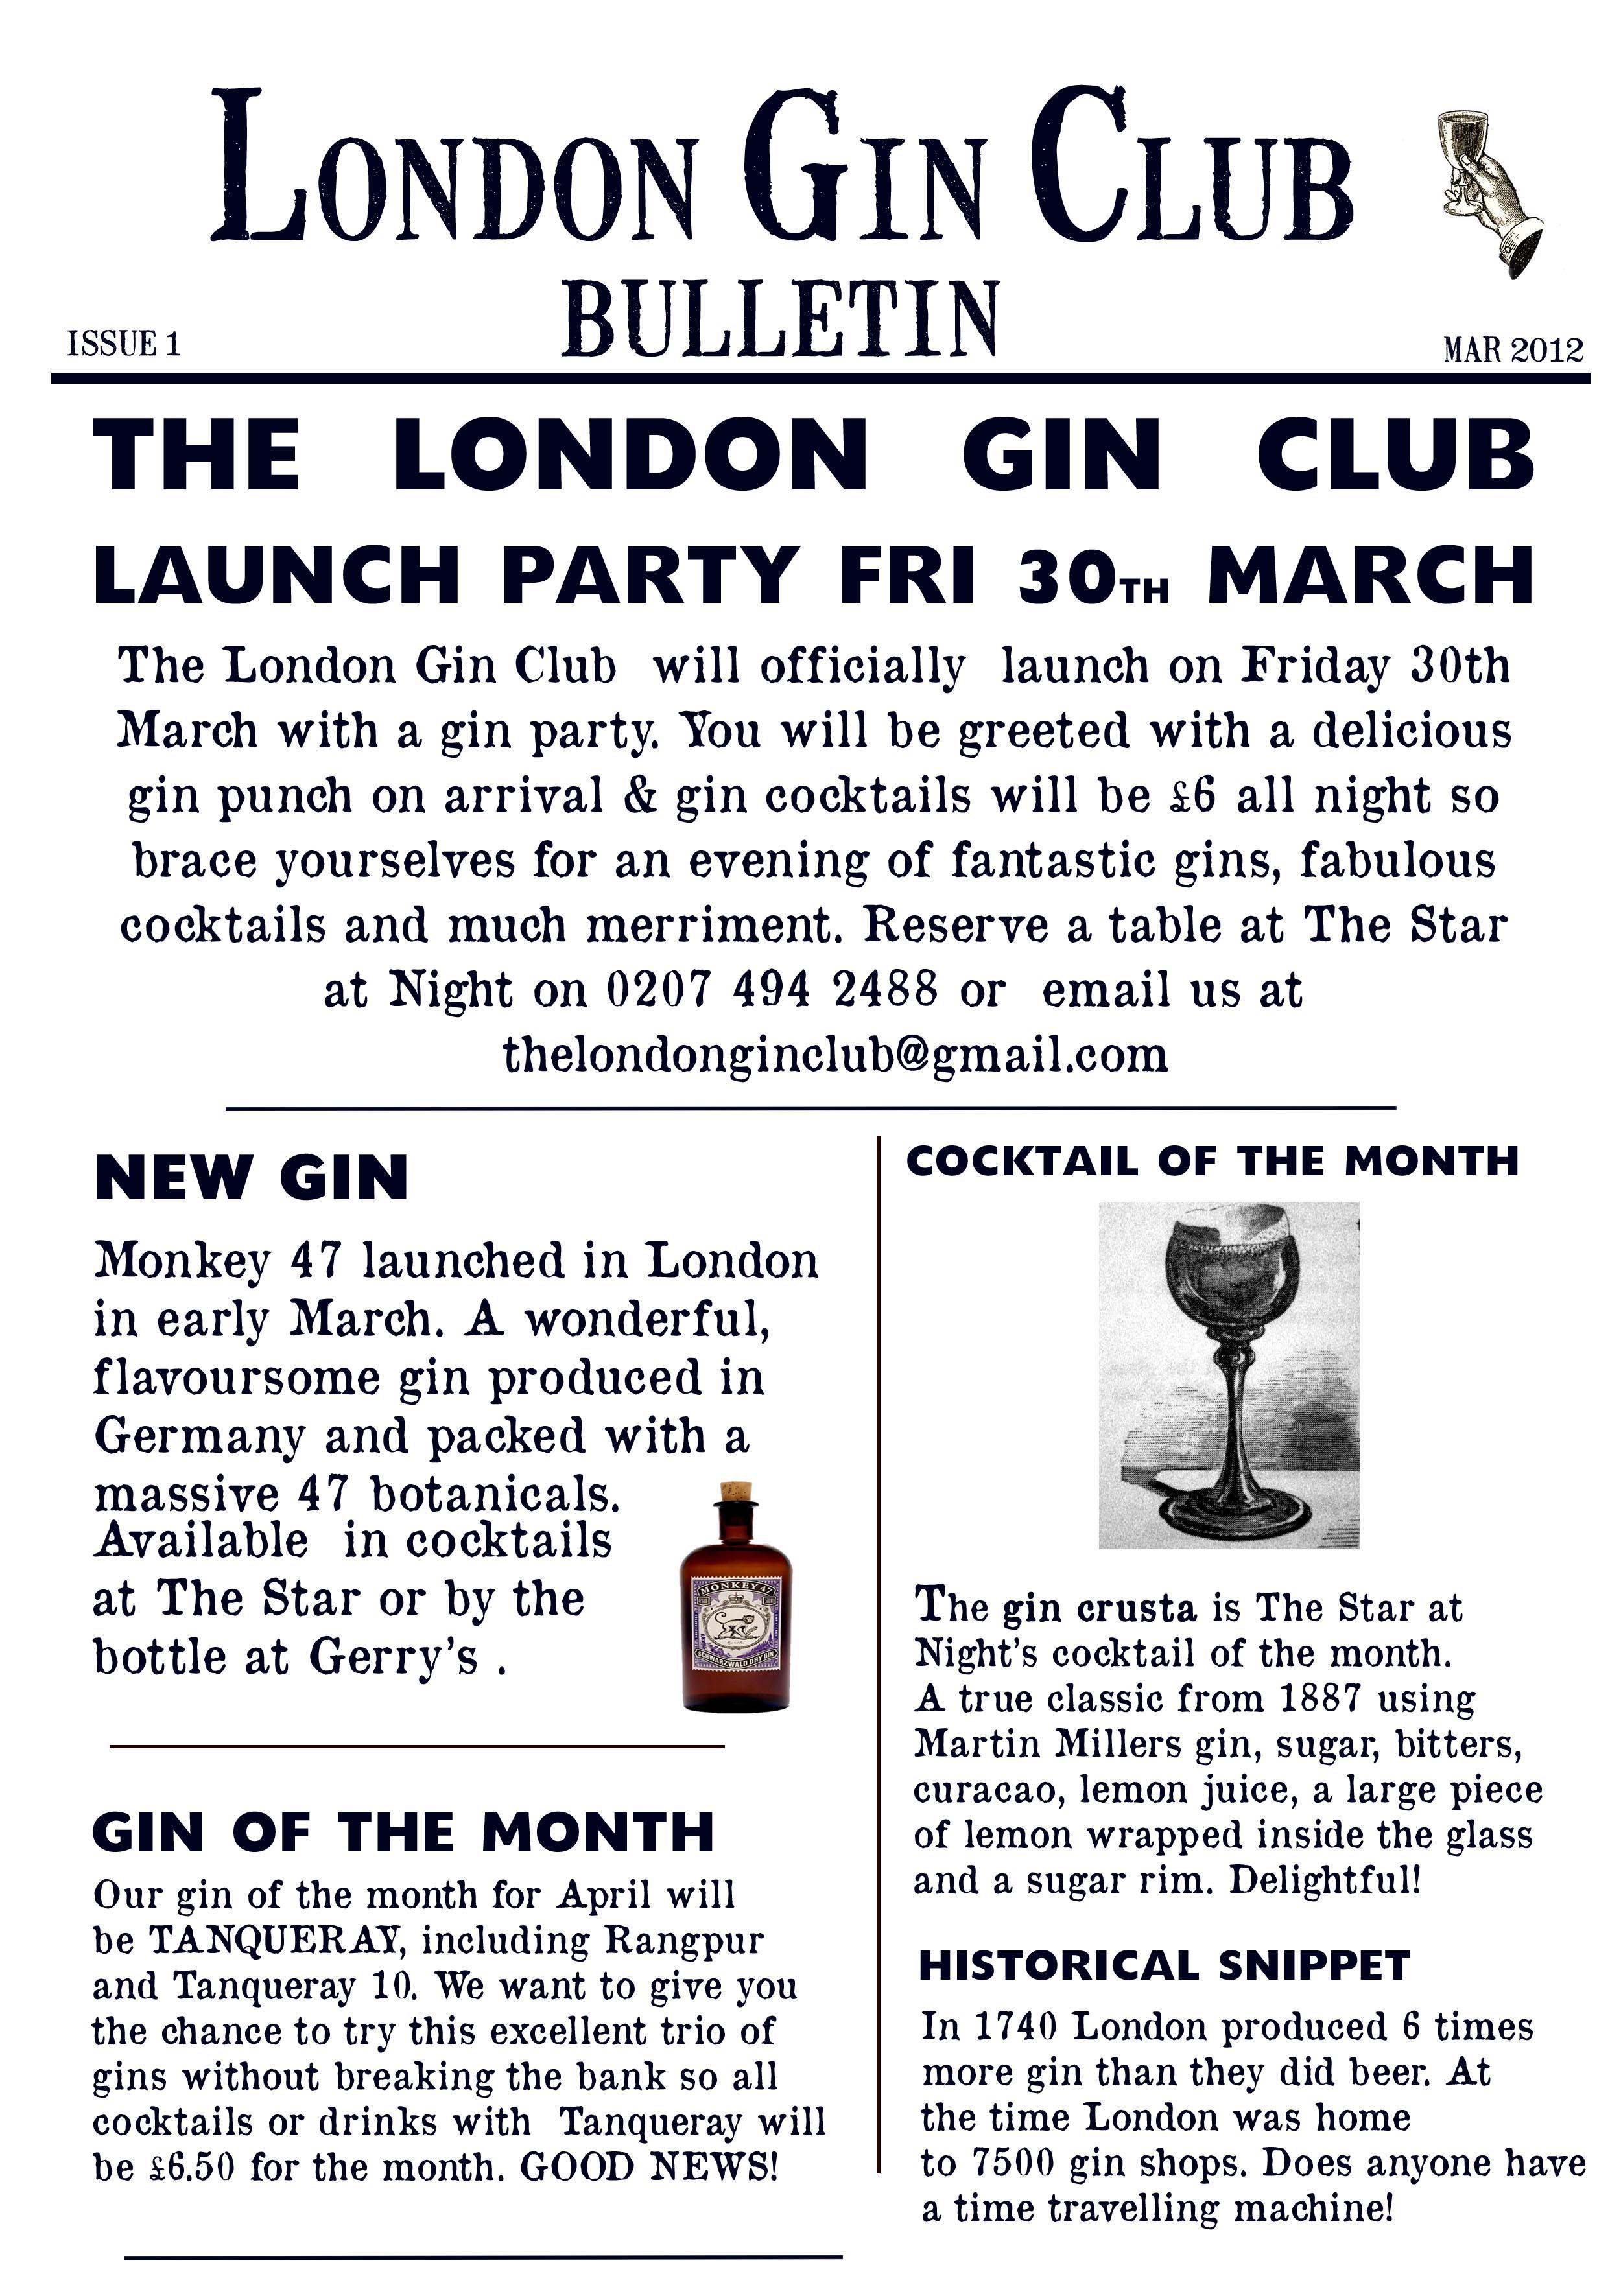 Our First London Gin Club Bulletinp News The London Gin Club